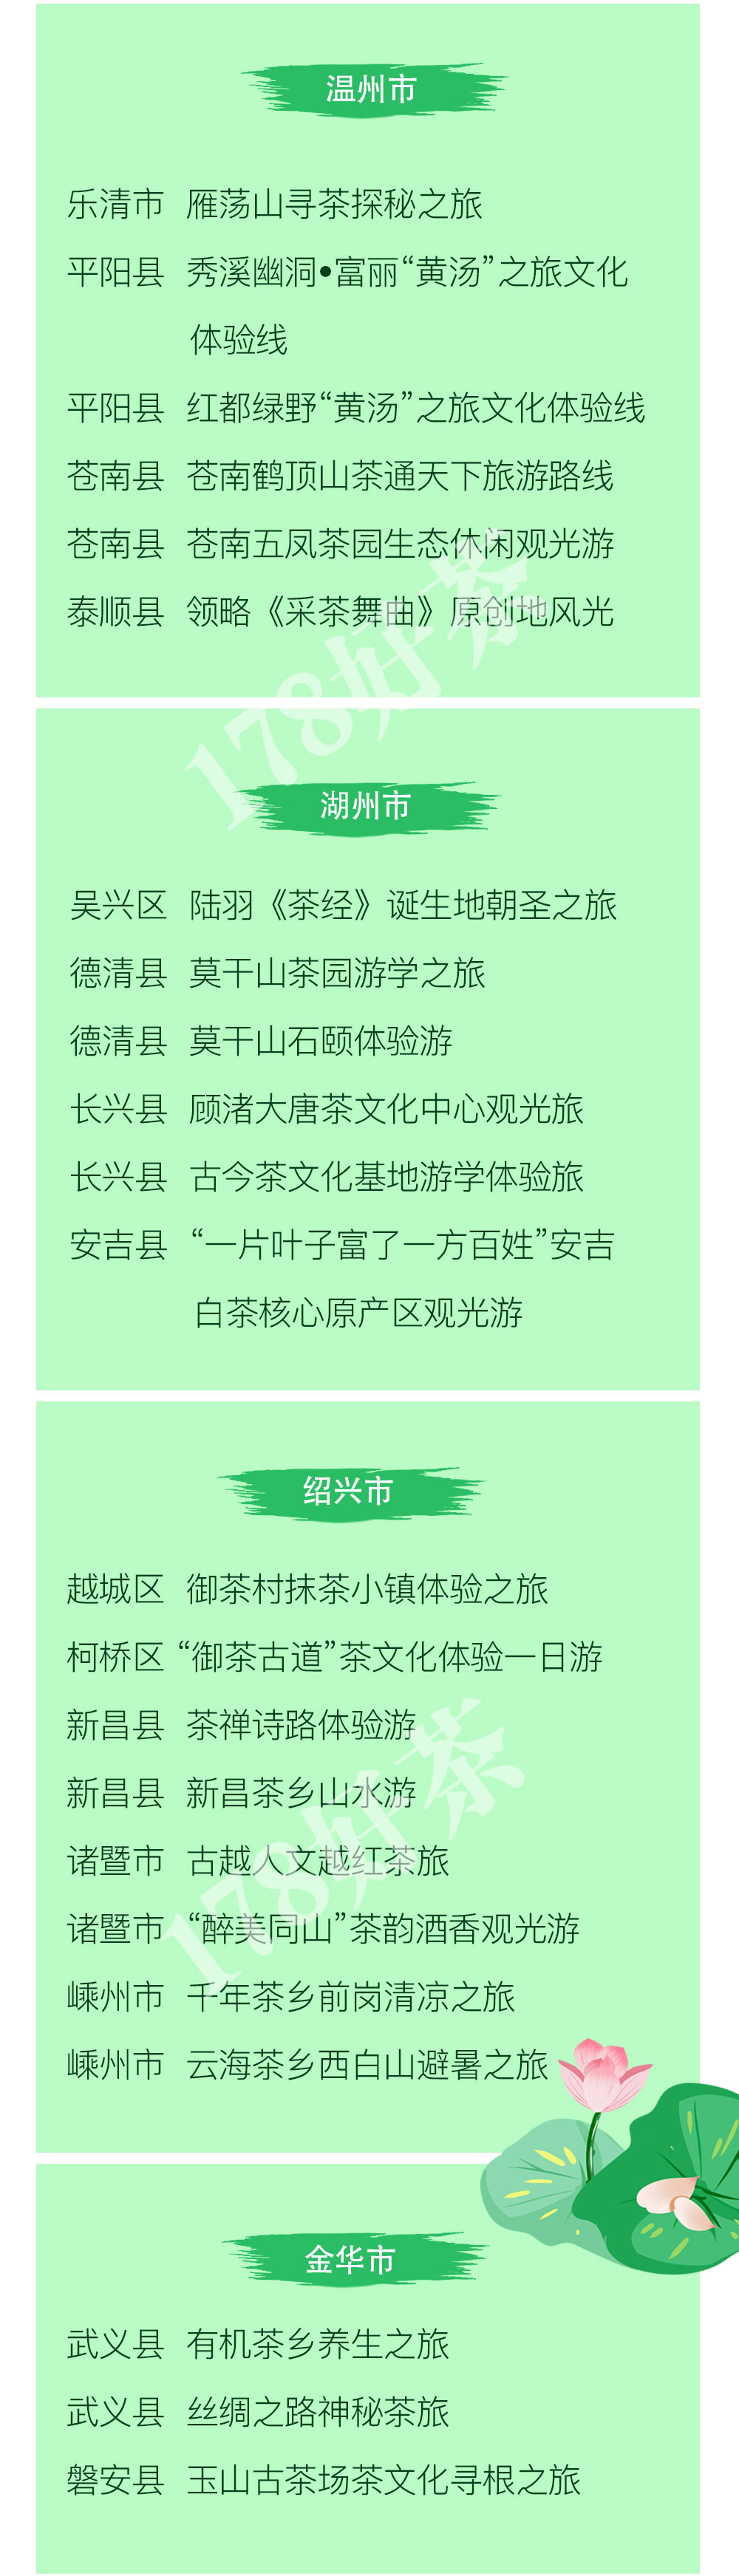 浙江48条茶旅线路2_03.jpg